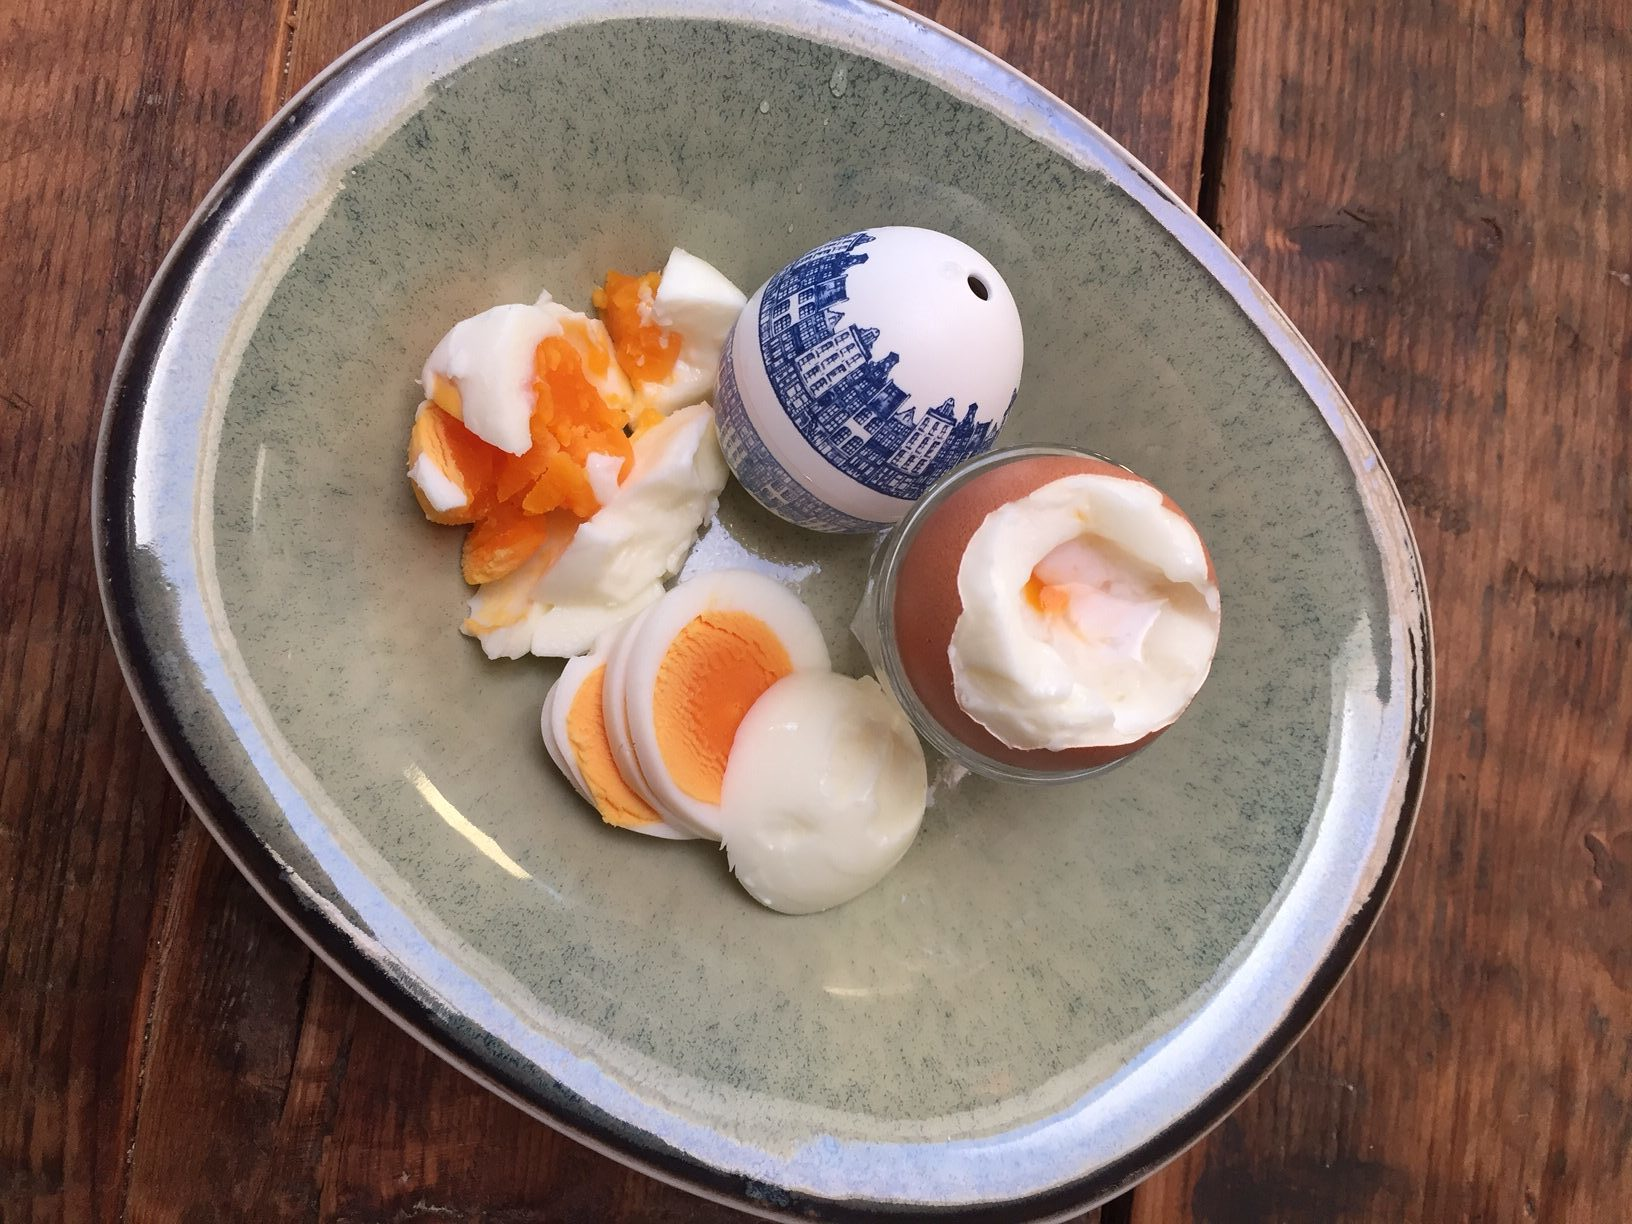 Perfecte eieren koken met het piepei winactie bij foodblog Foodinista